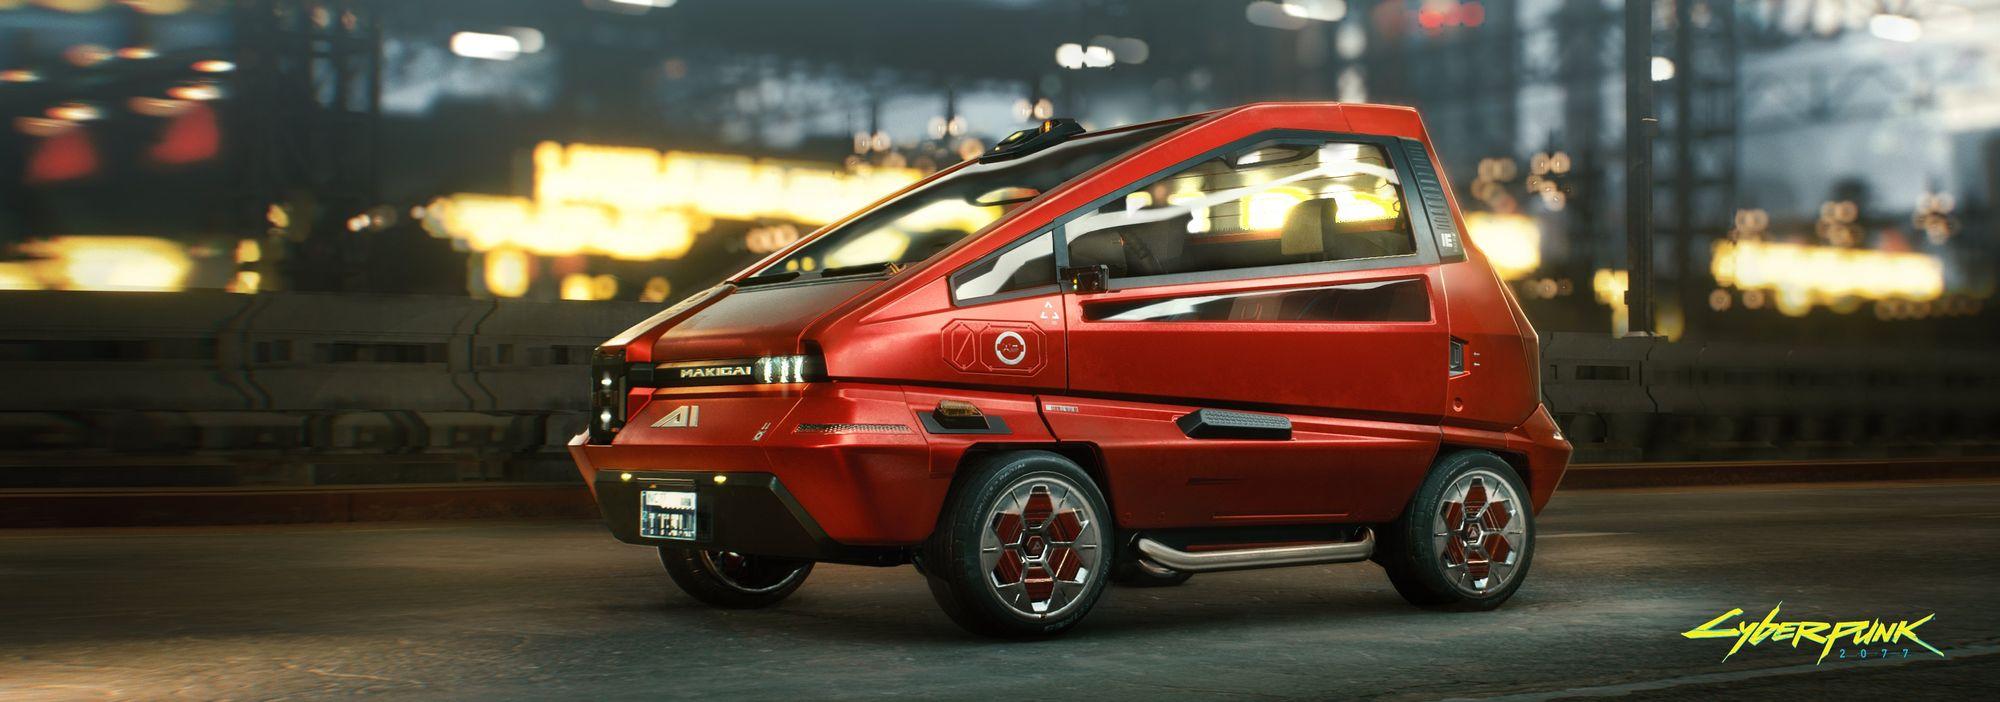 Το μικρό αυτοκίνητο Makigai maimai βγαλμένο από το μέλλον